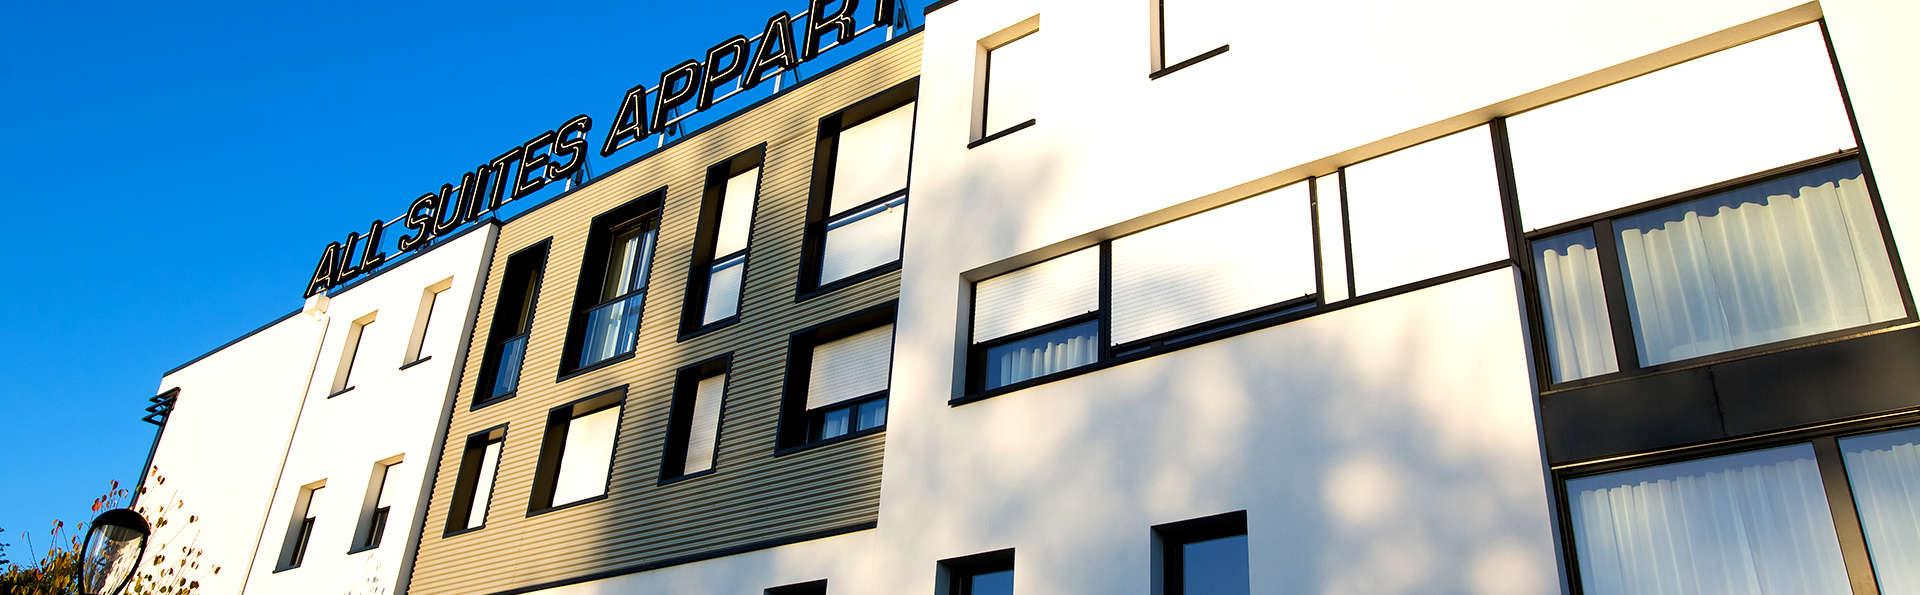 All Suites Appart Hotel Pau - Résidence Hôtelière - Edit_Front2.jpg